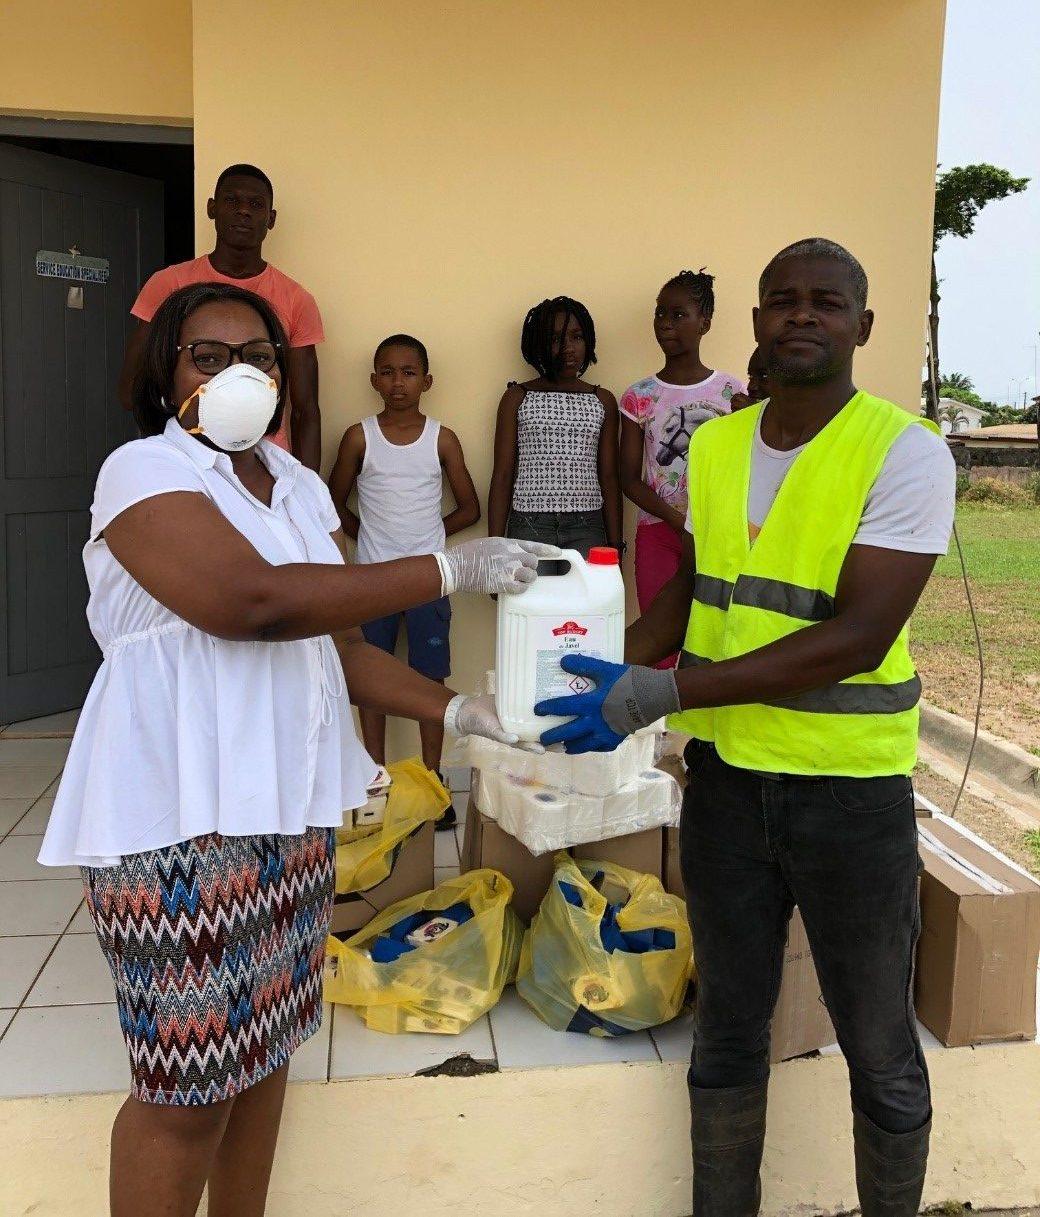 Gabon Télécom offre des produits d'hygiène aux personnes vulnérables  pour lutter contre le Covid-19